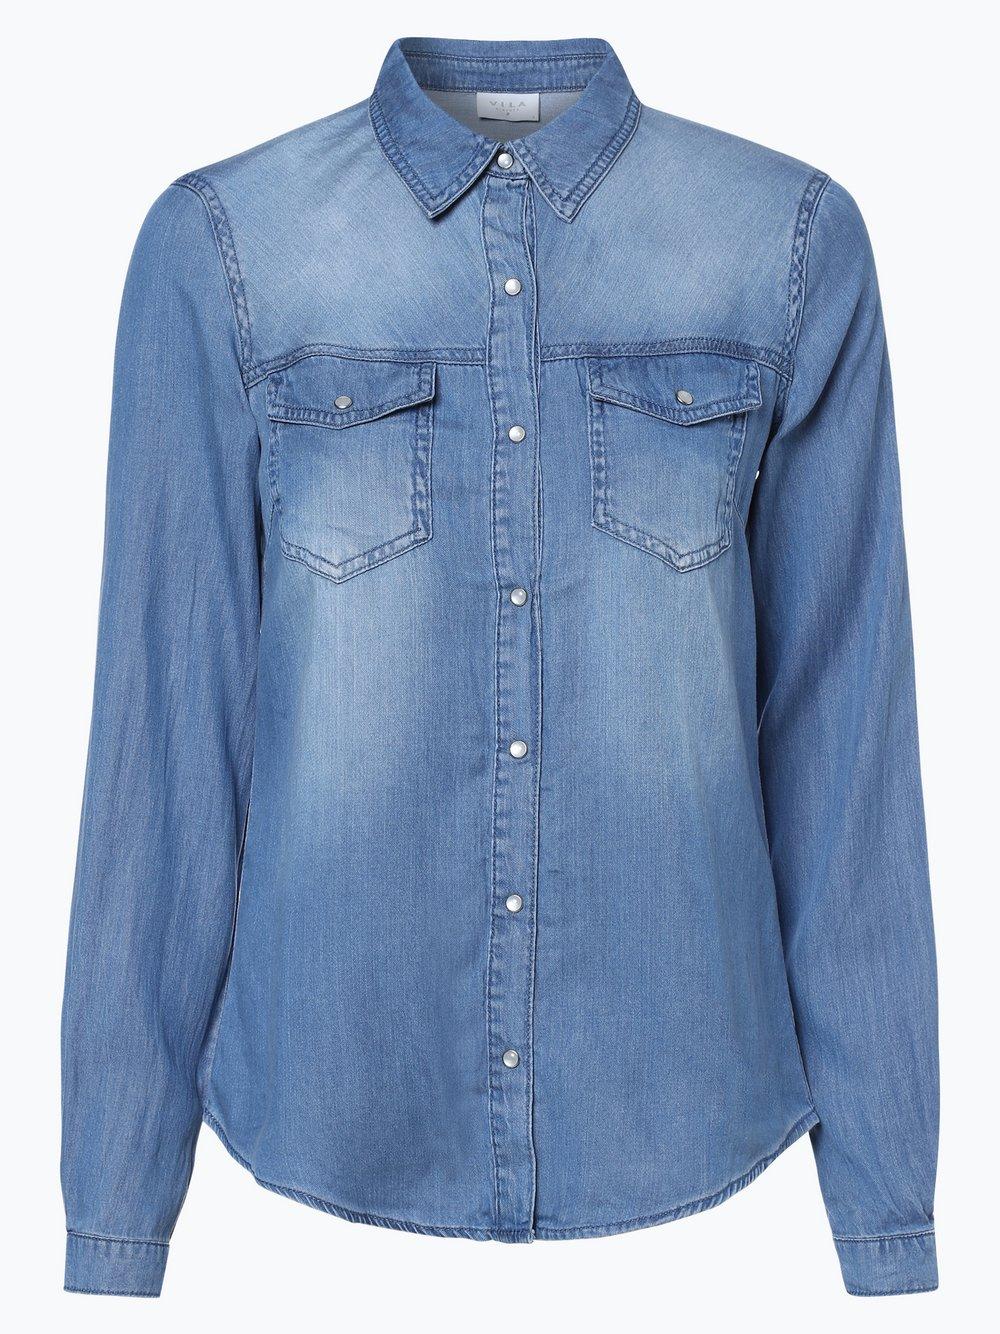 Vila - Damska koszula jeansowa – Vibista, niebieski